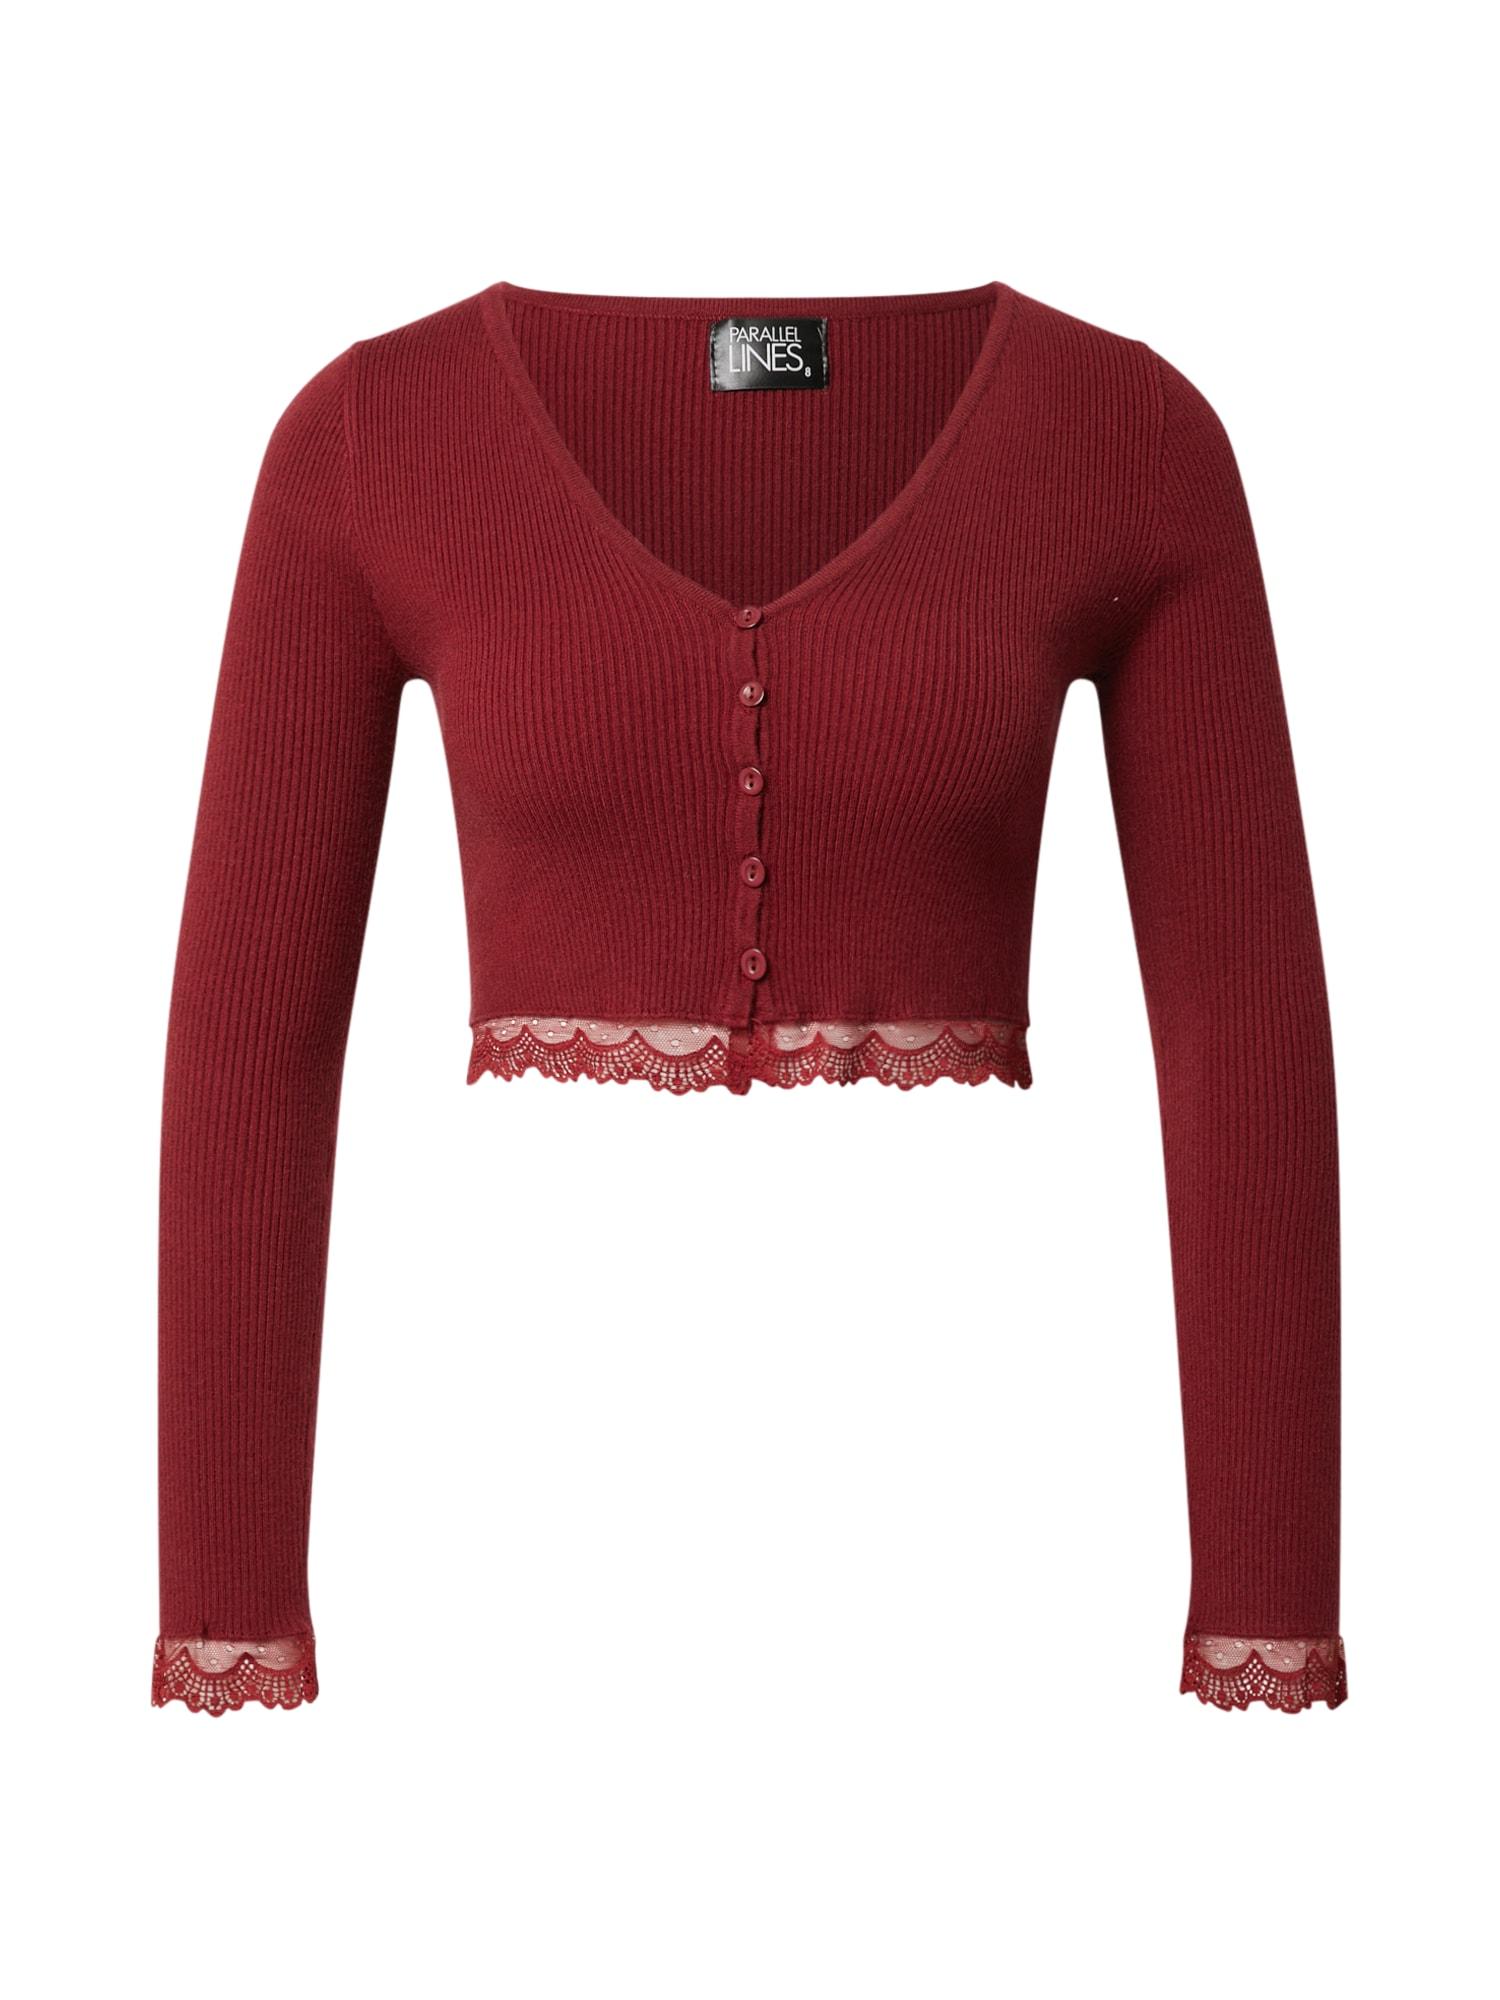 Parallel Lines Marškinėliai vyno raudona spalva